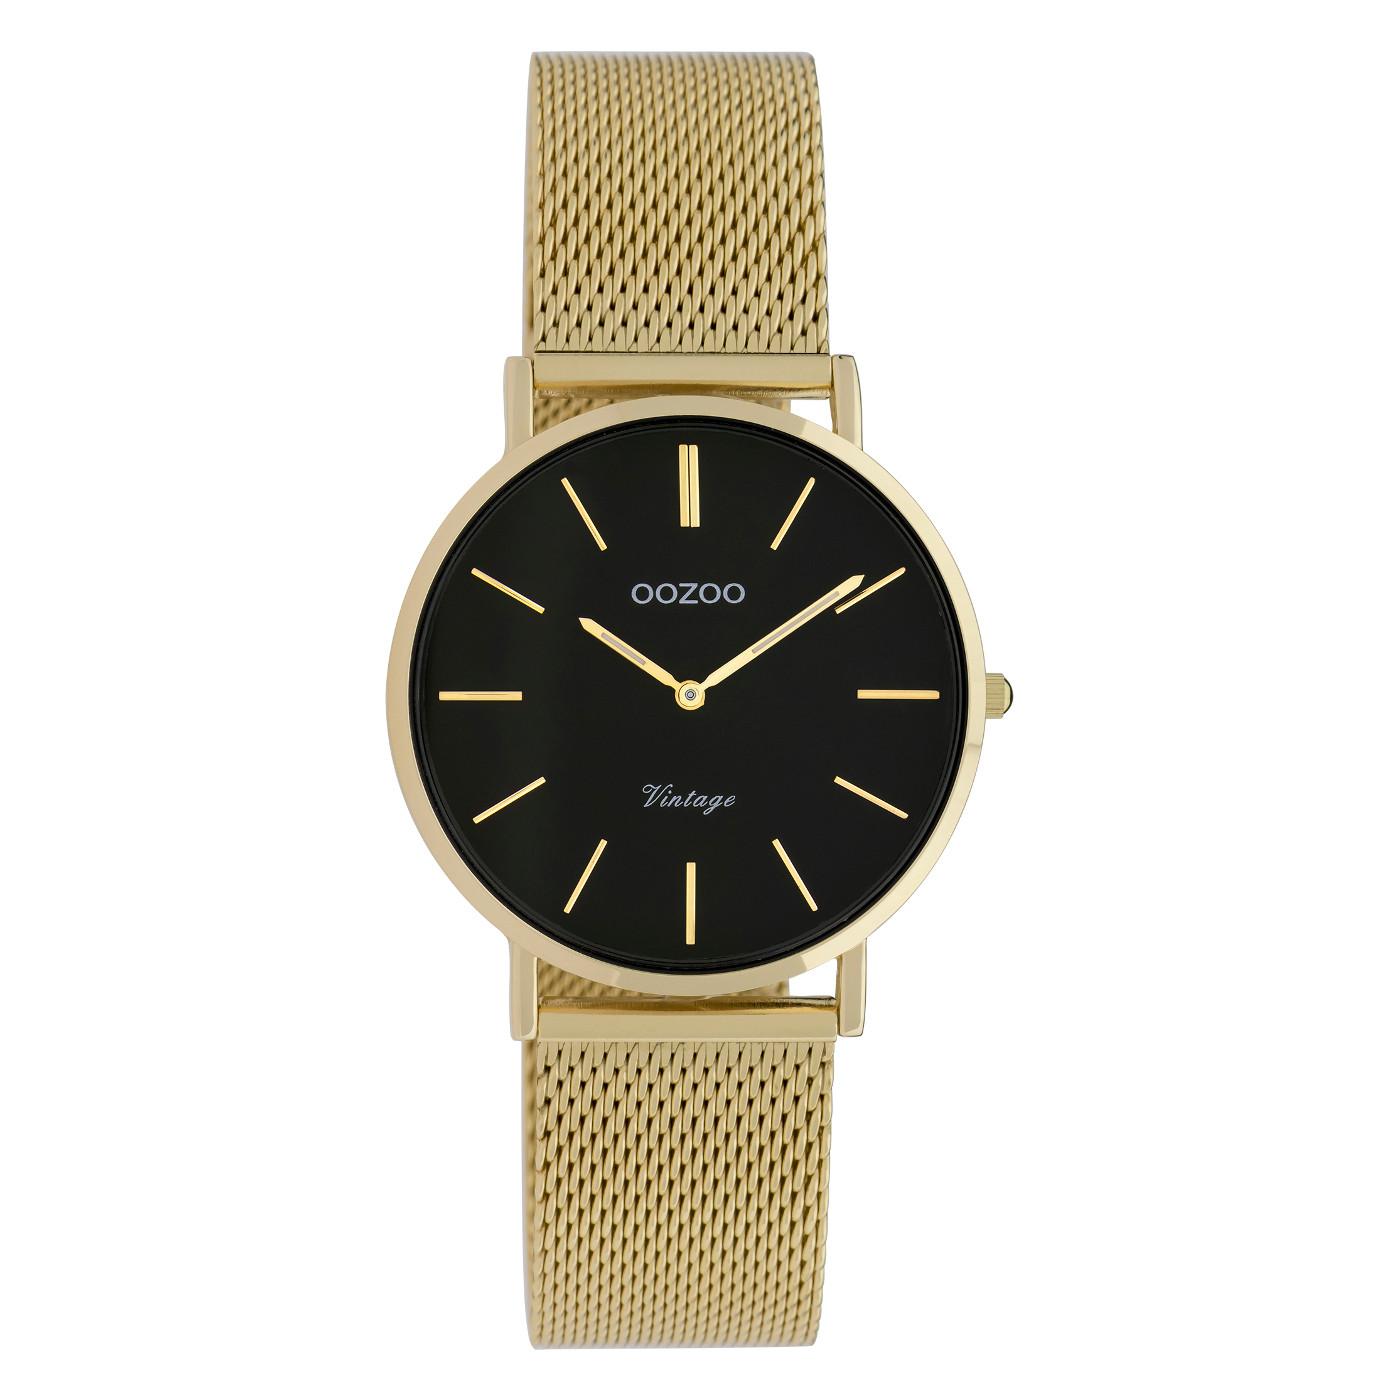 OOZOO C9915 Horloge staal/mesh goudkleurig-zwart 32 mm